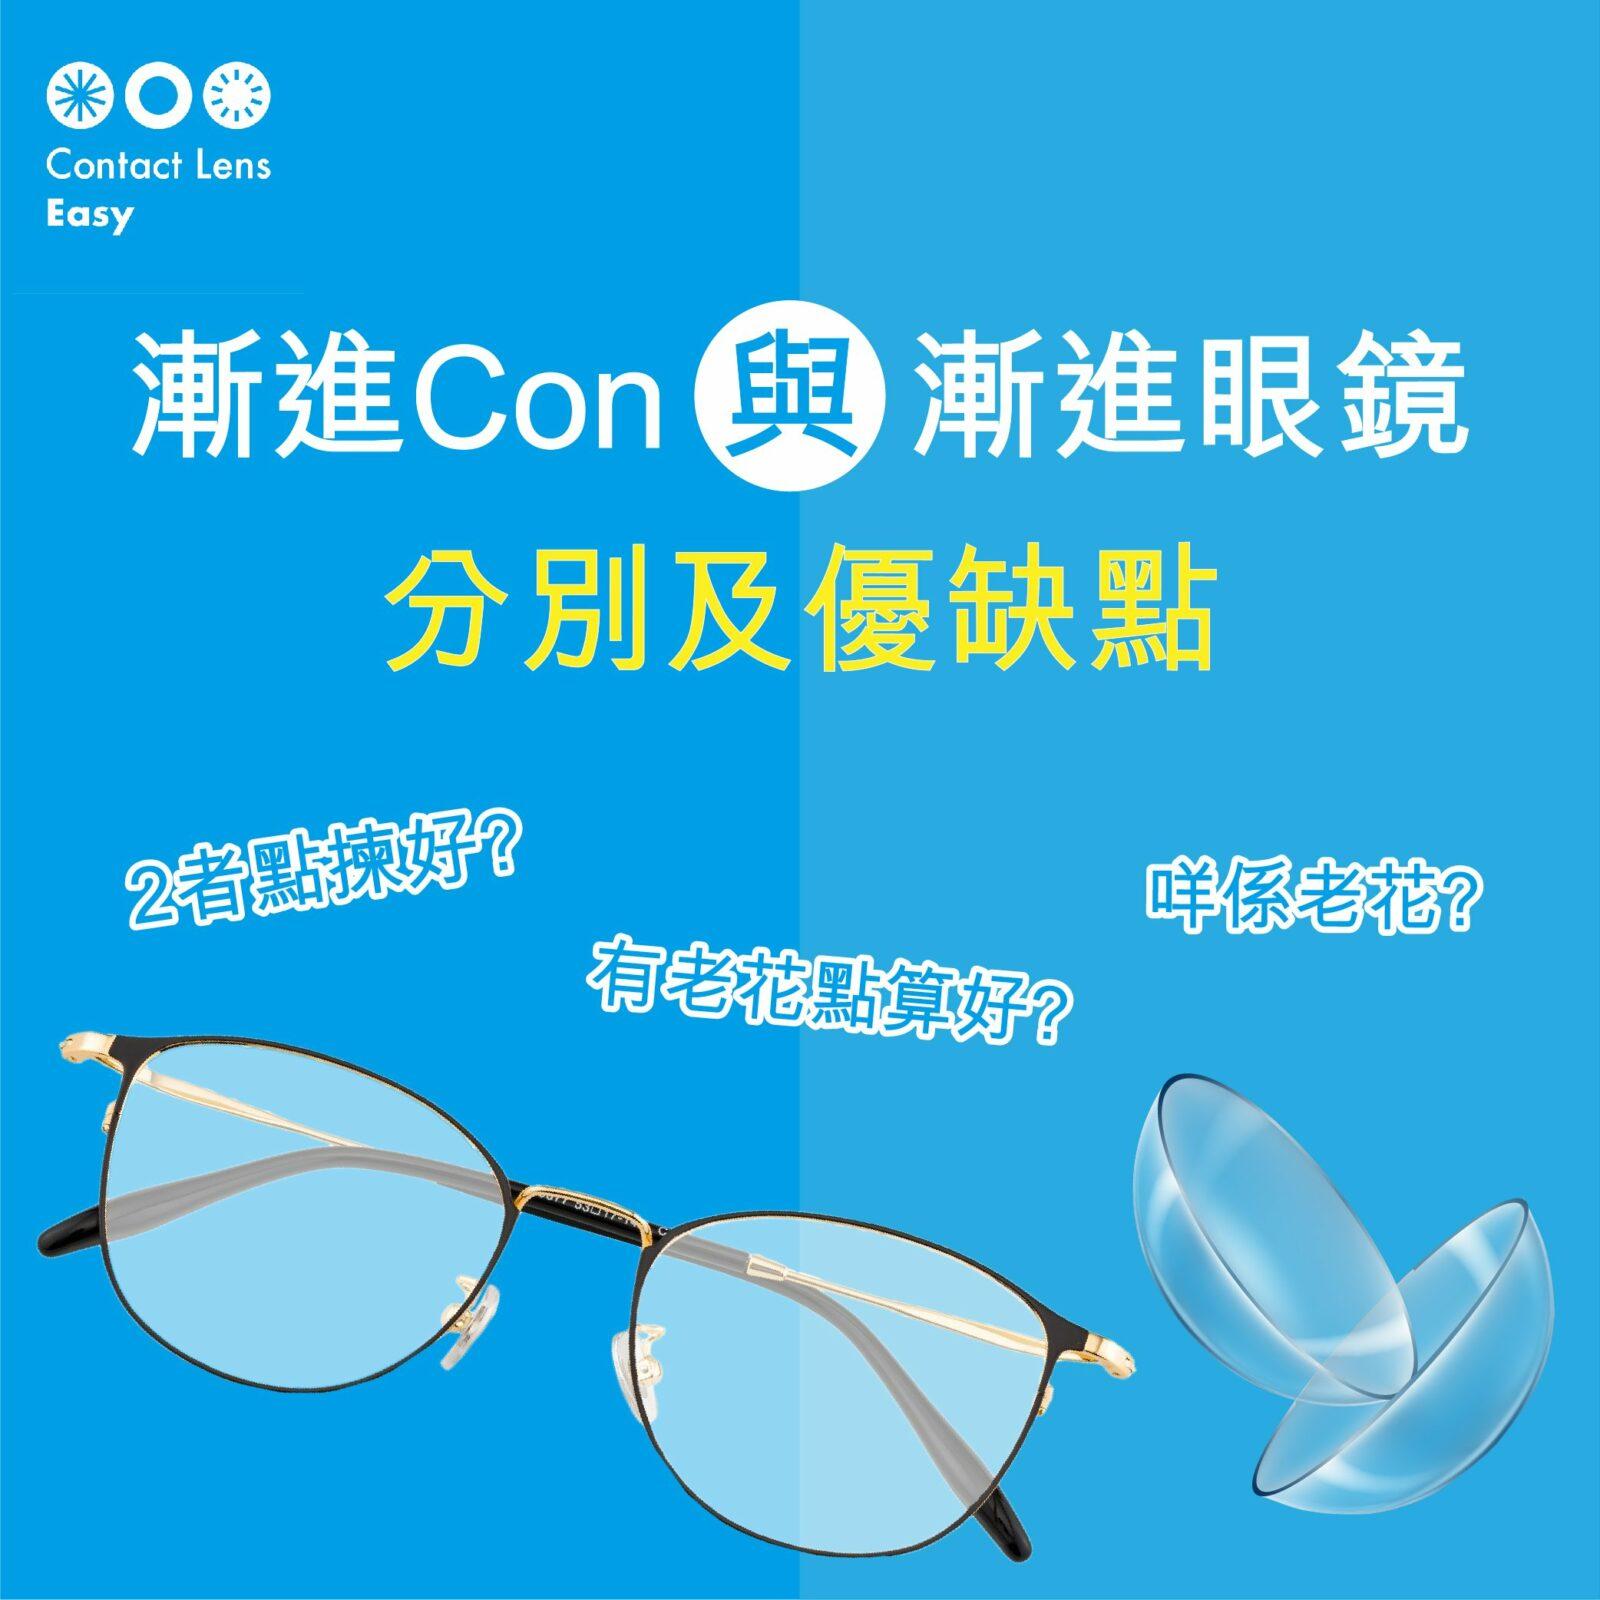 漸進隱形眼鏡與漸進眼鏡的分別及優缺點